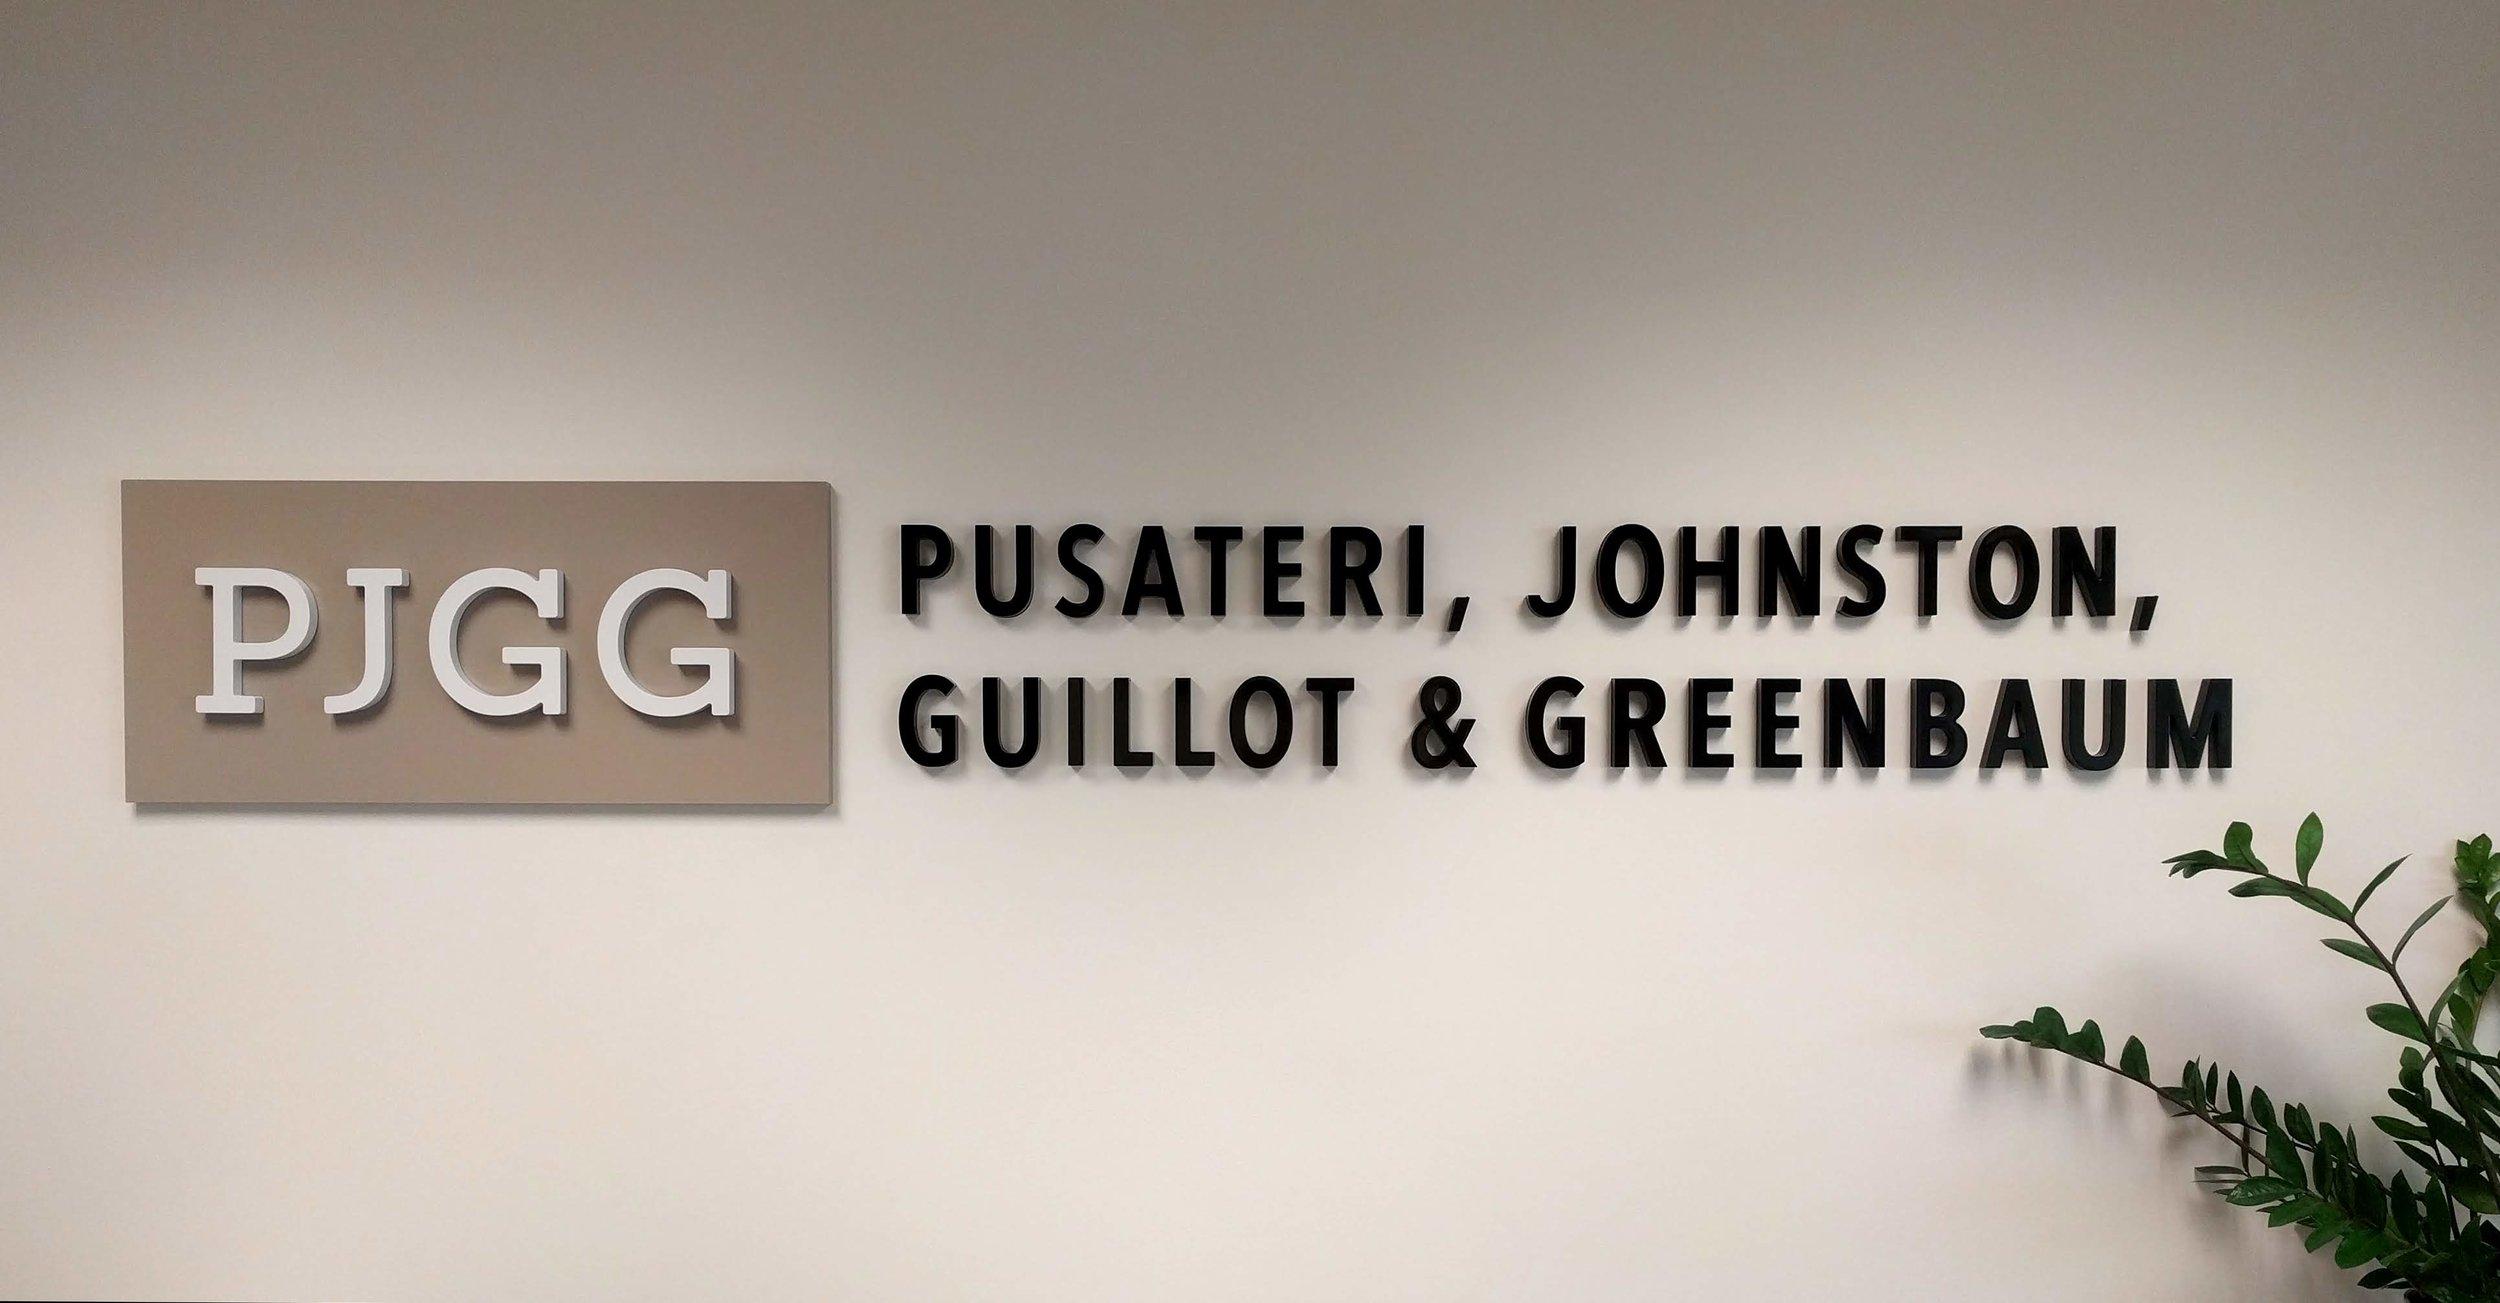 pjgg.JPG